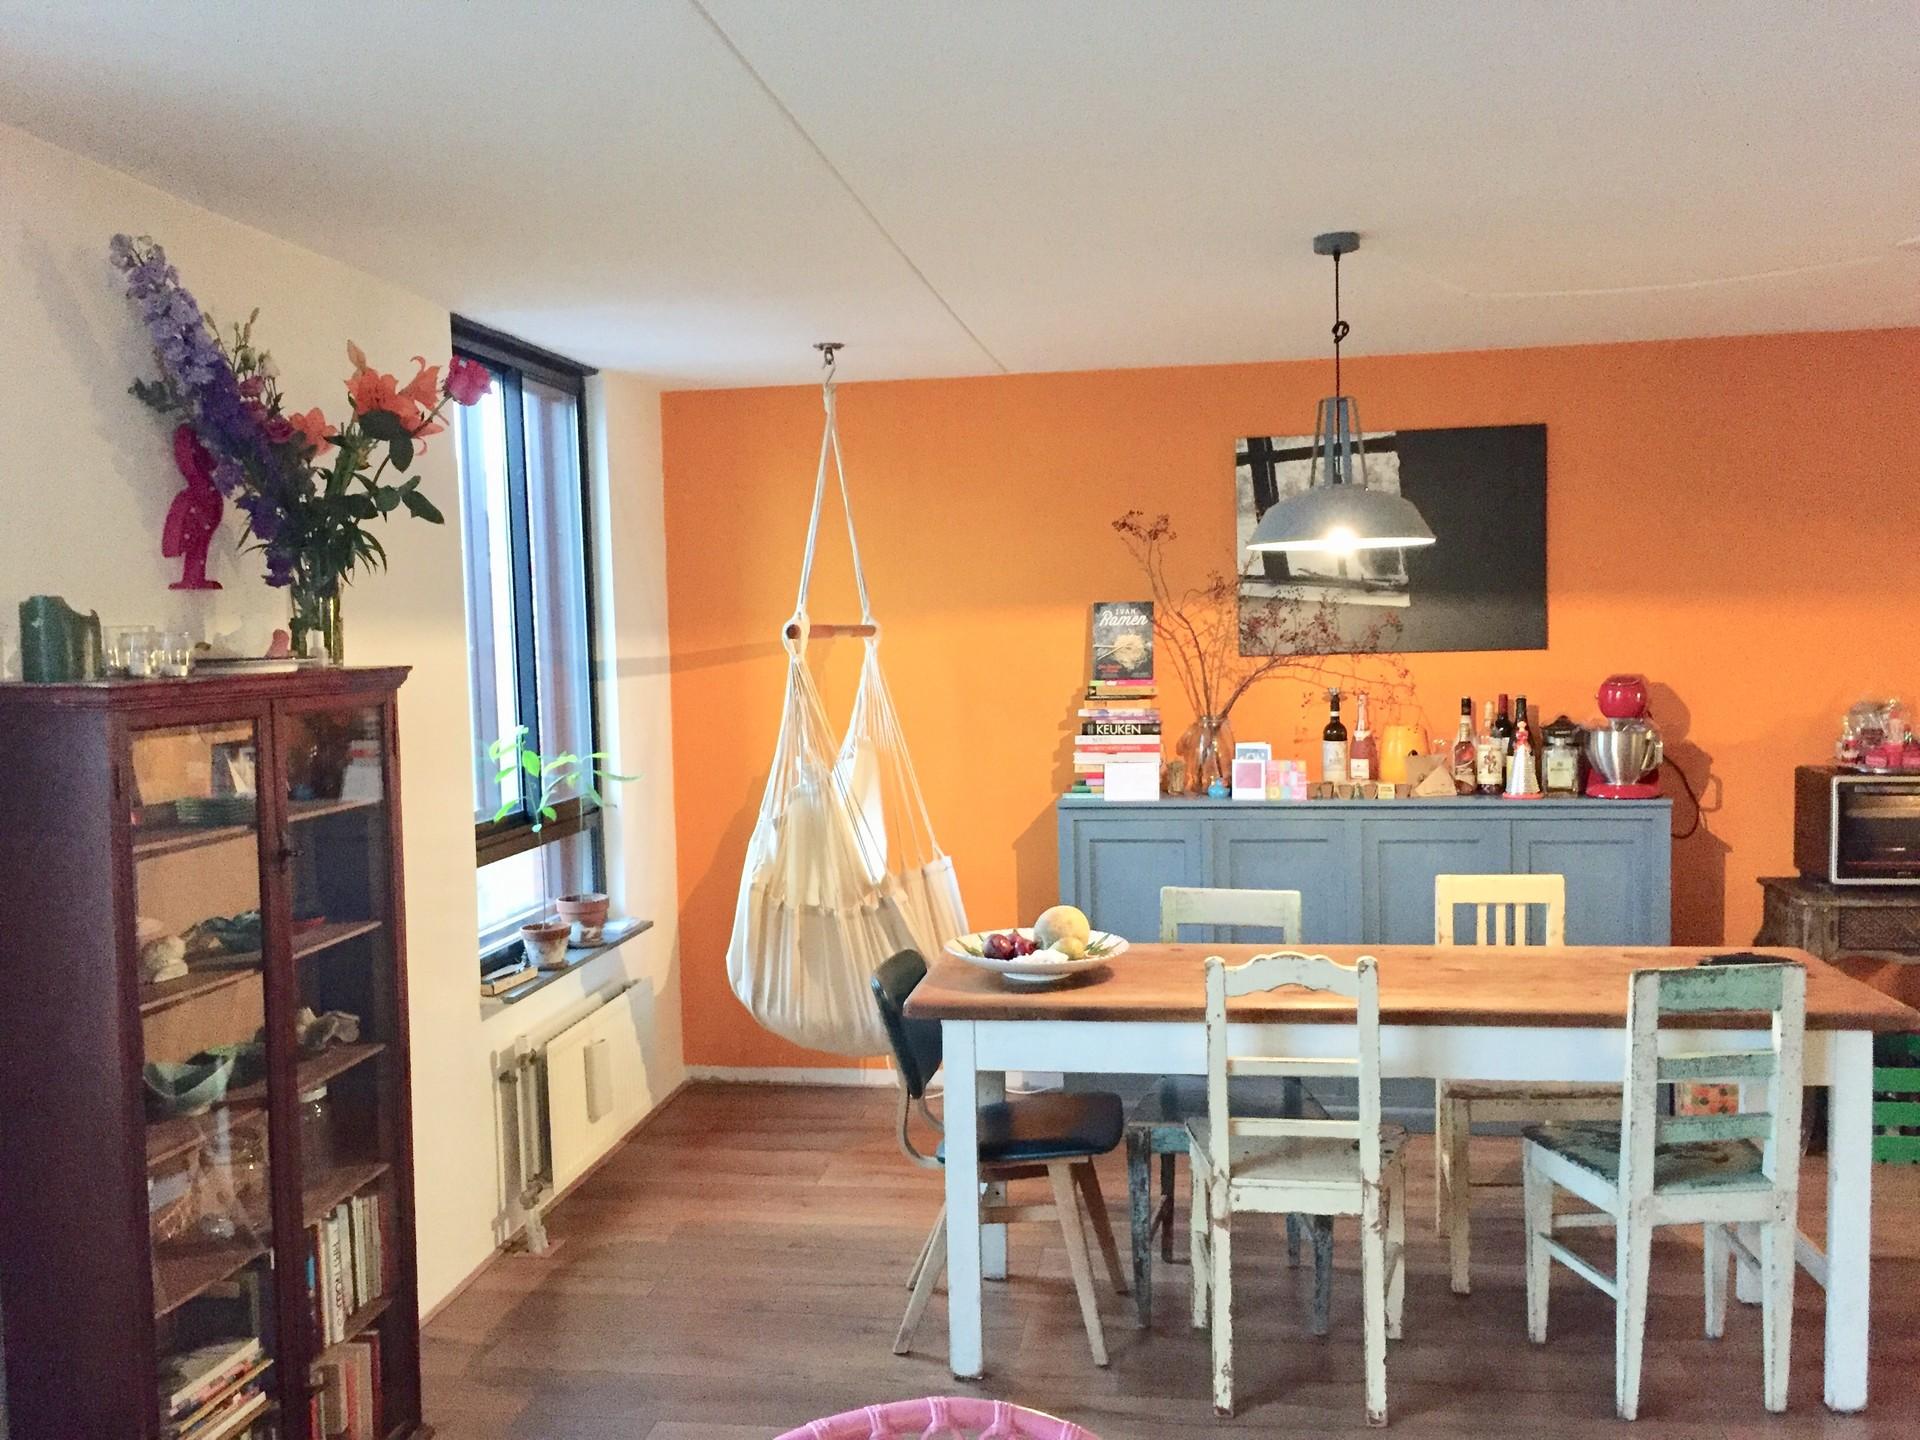 room-near-centre-amsterdam-3269cd58da1ff4673650afb8cf4e91e0